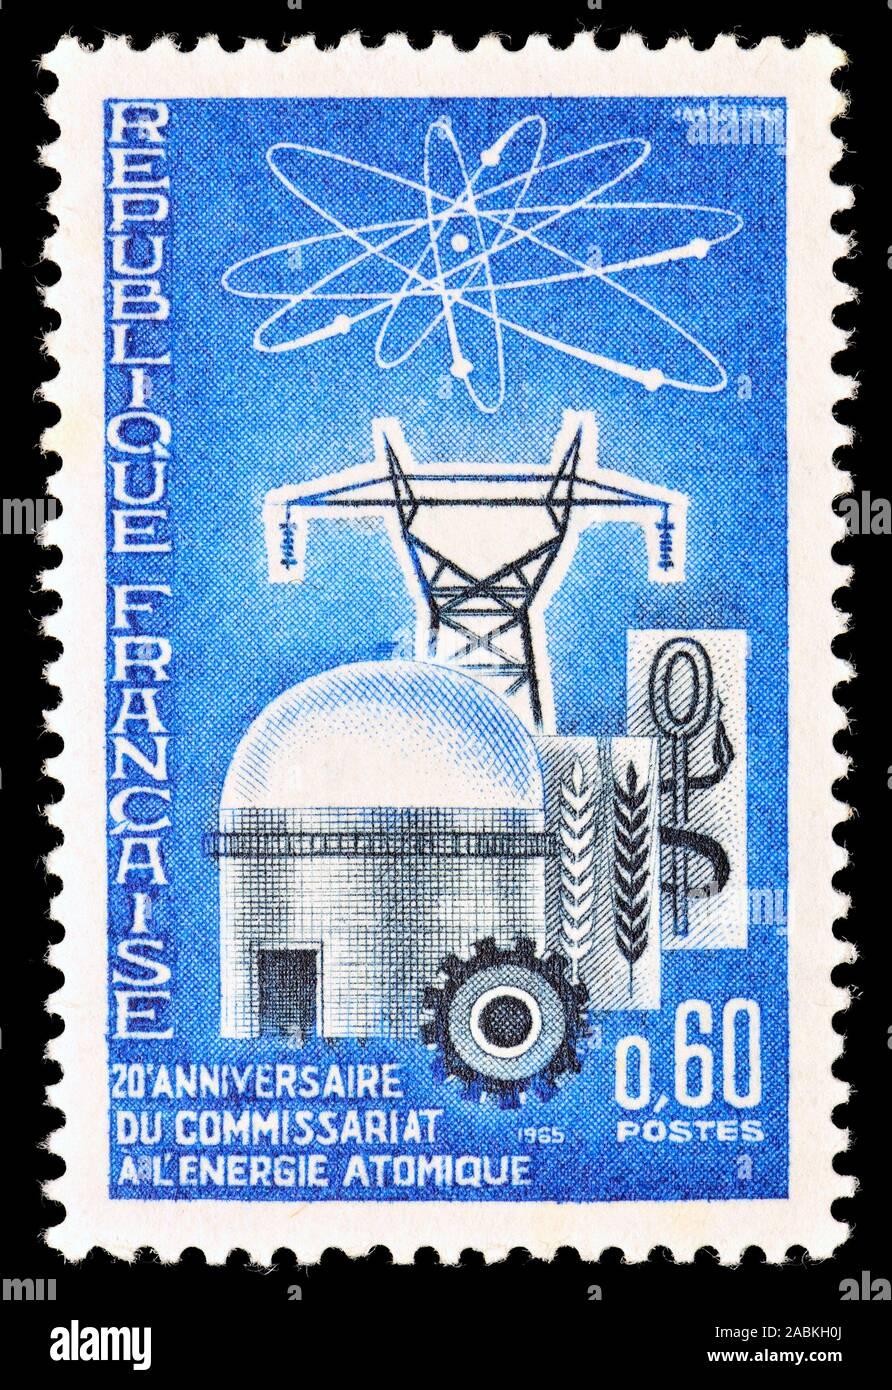 Sello francés (1965) : 20º aniversario de la Comisión de Energía Atómica Foto de stock